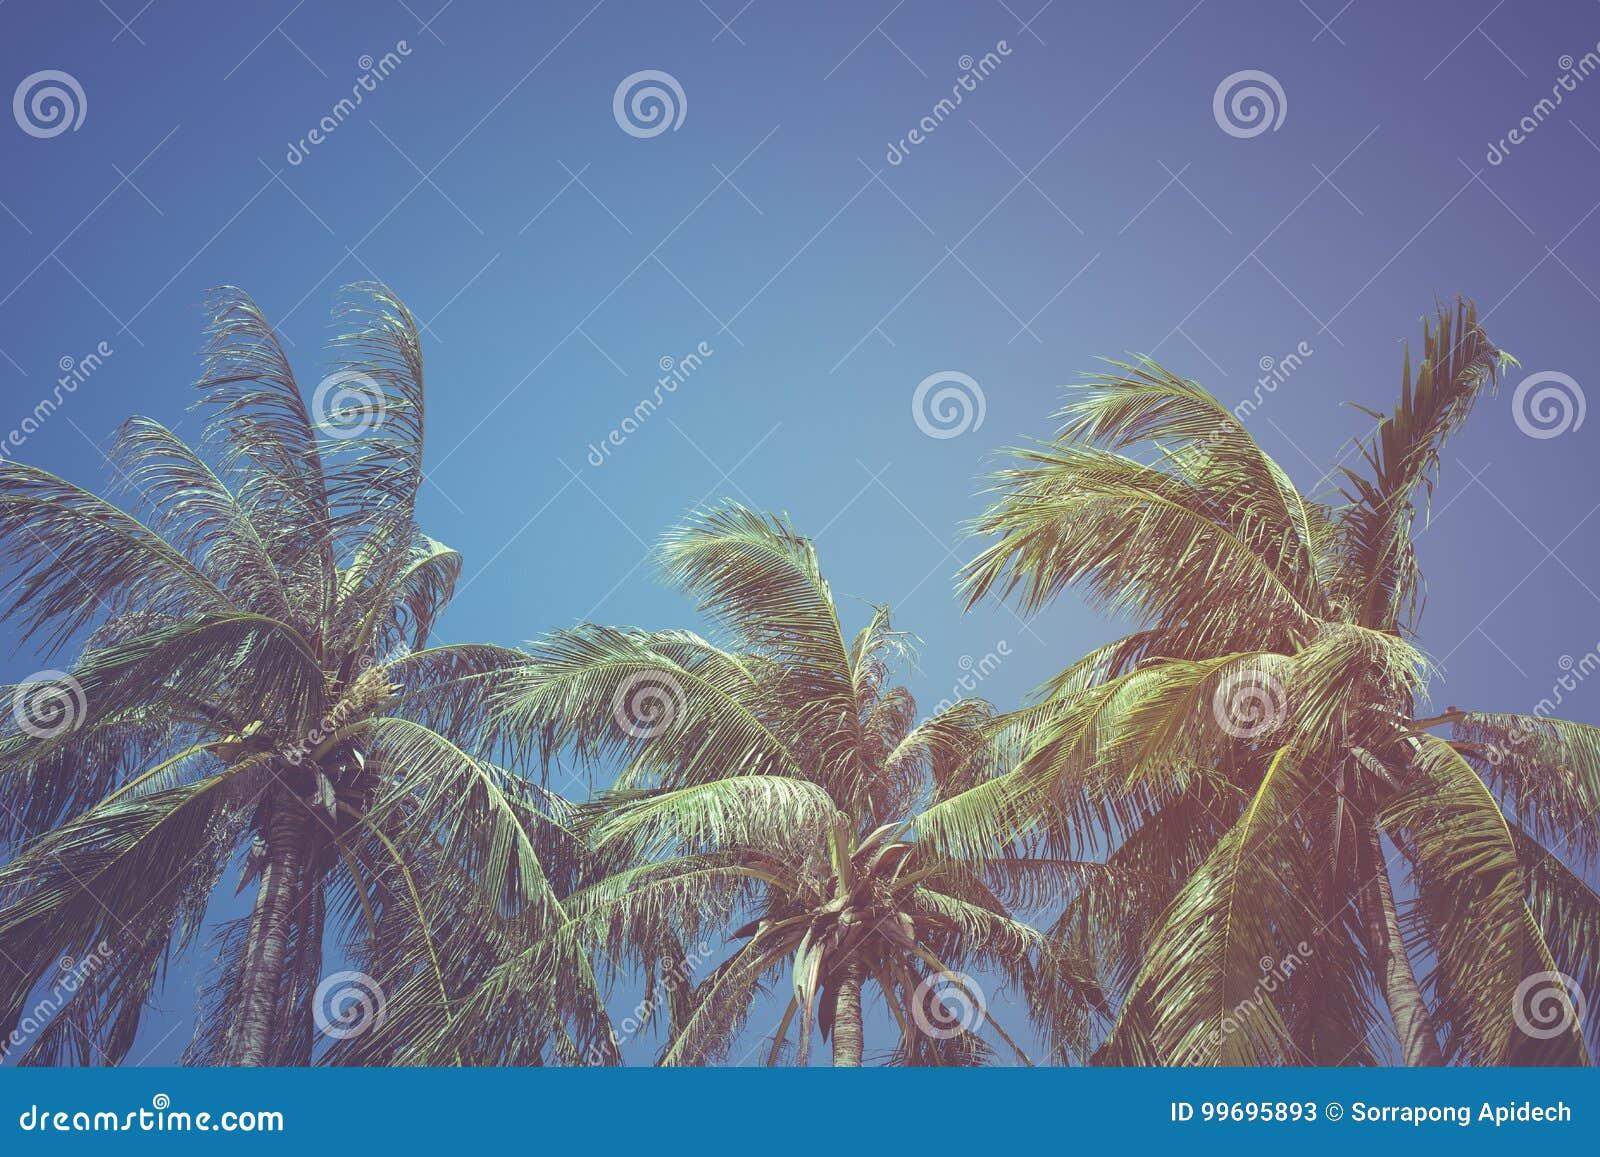 Blätter der Kokosnuss auf einem Hintergrund des blauen Himmels, Weinlesefilter